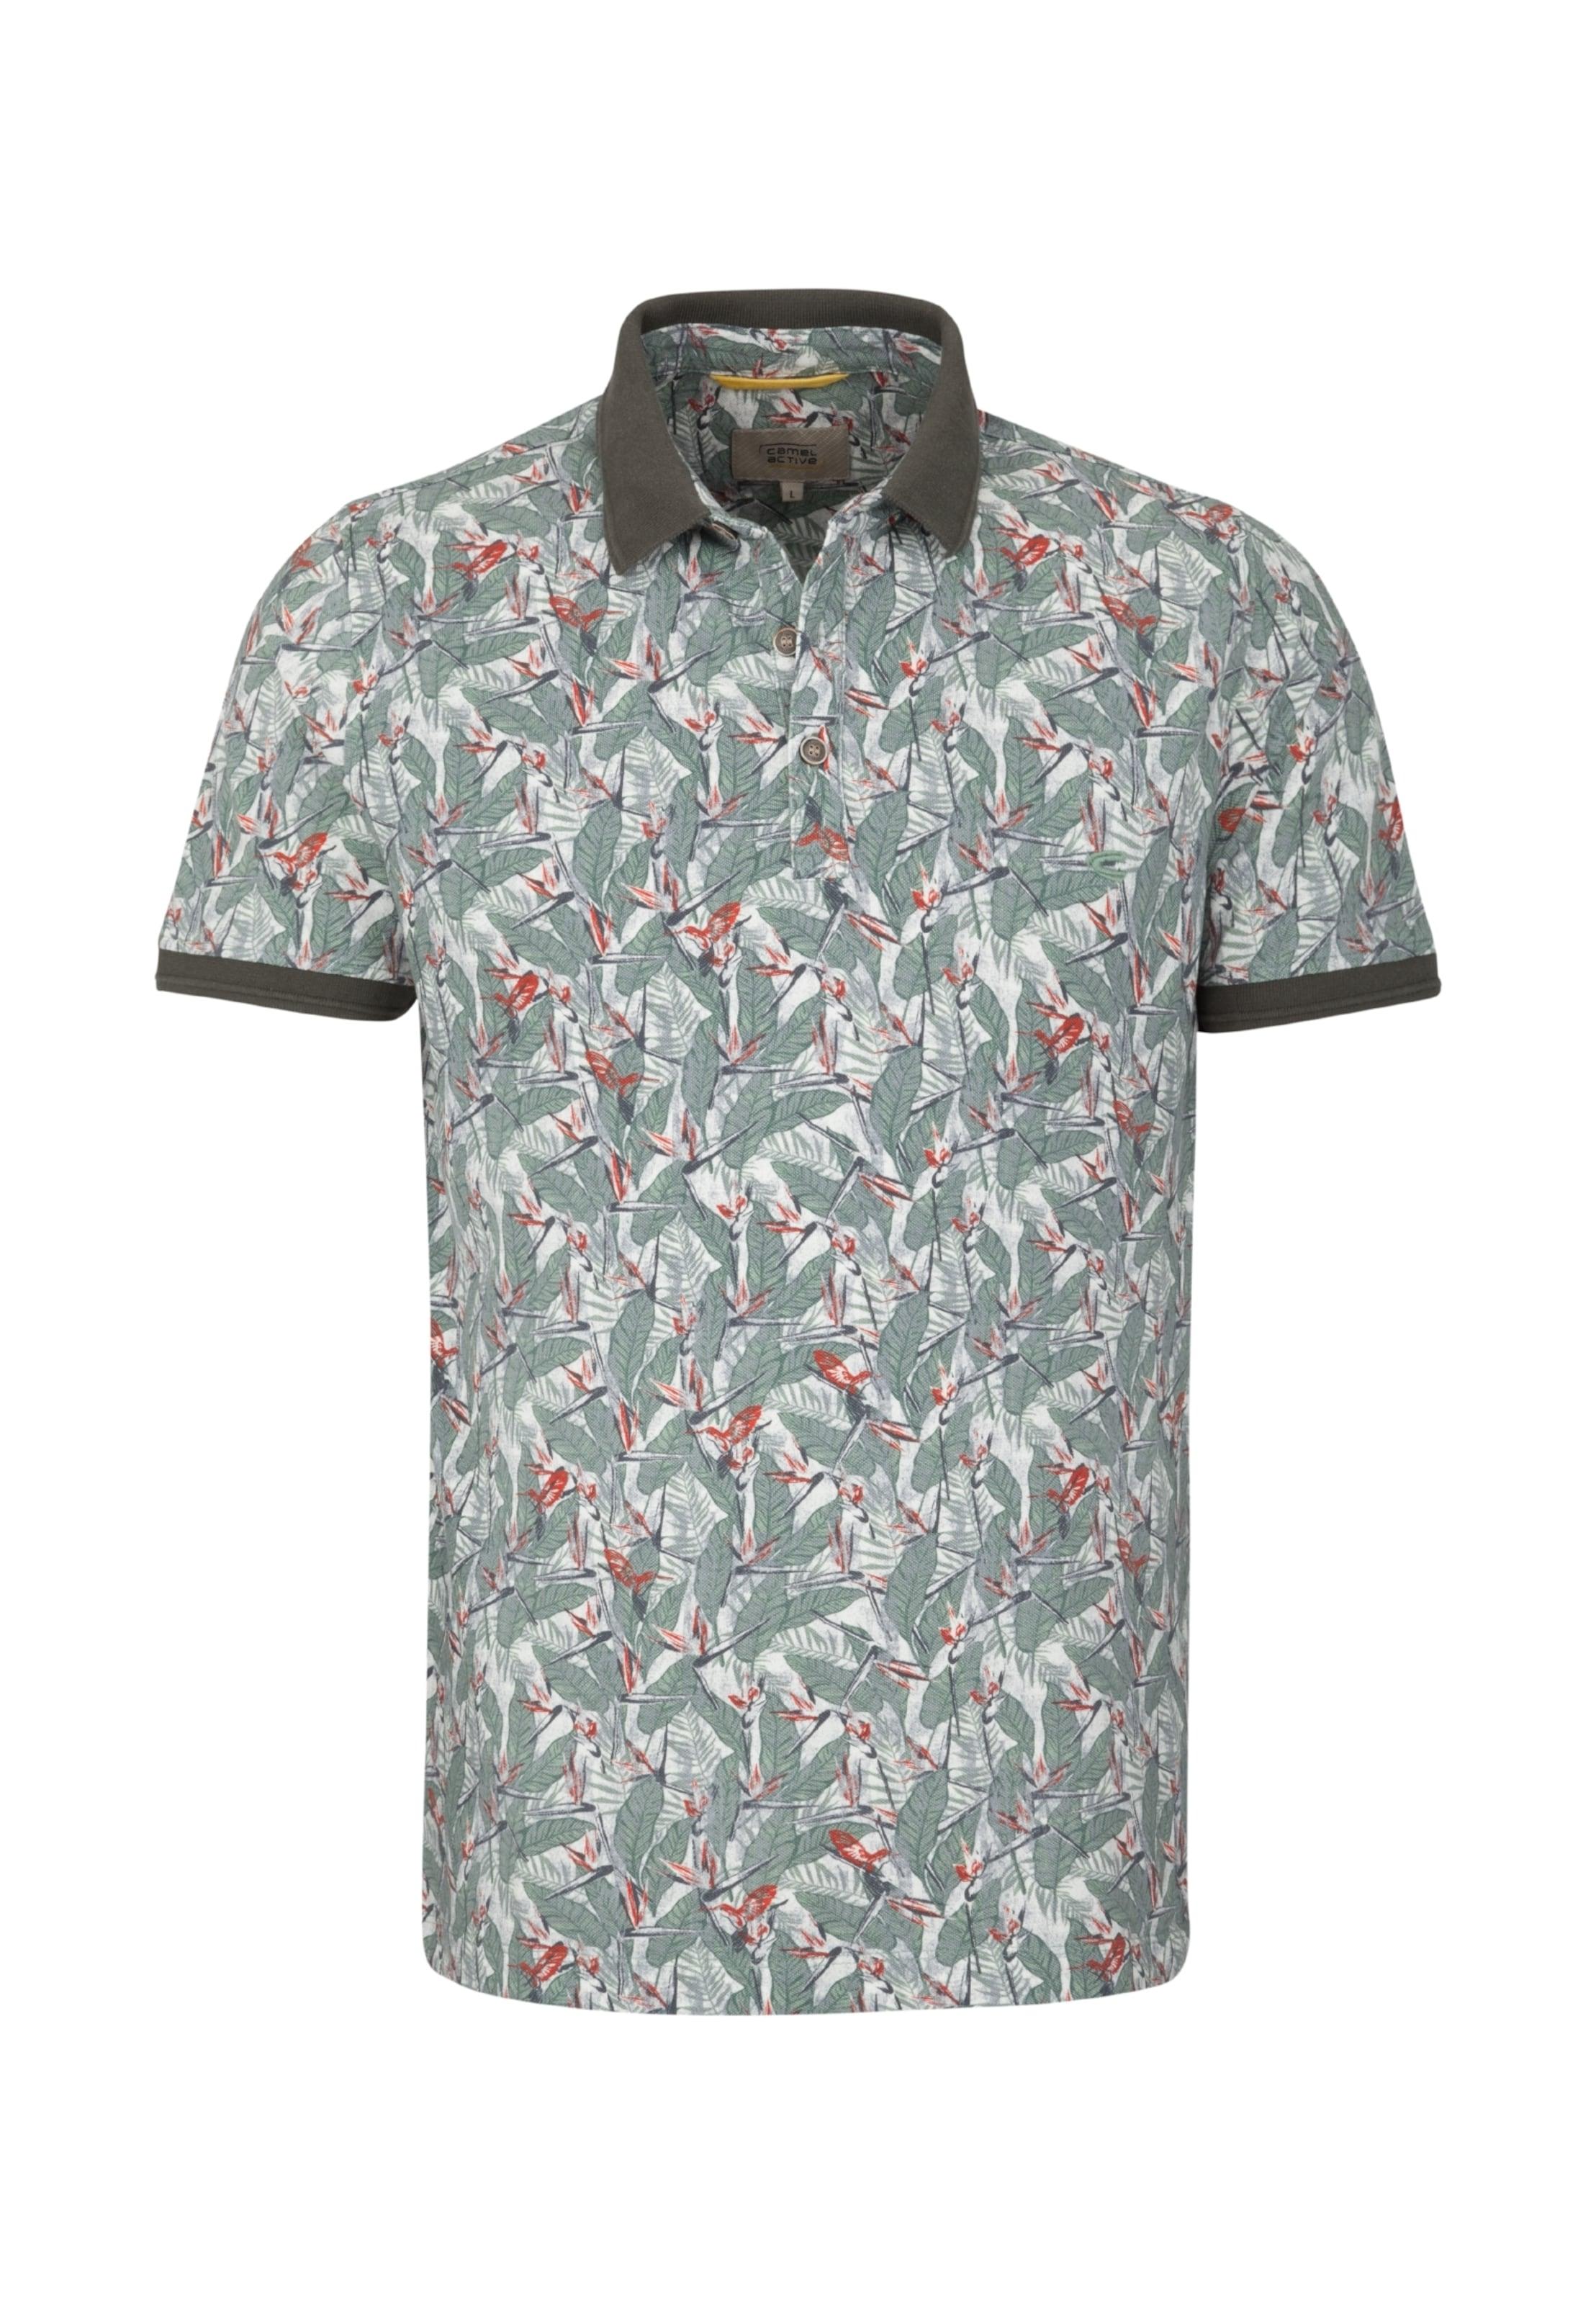 shirt Chiné Active T Camel VertRouge En Rouille Blanc E2IeDH9YbW